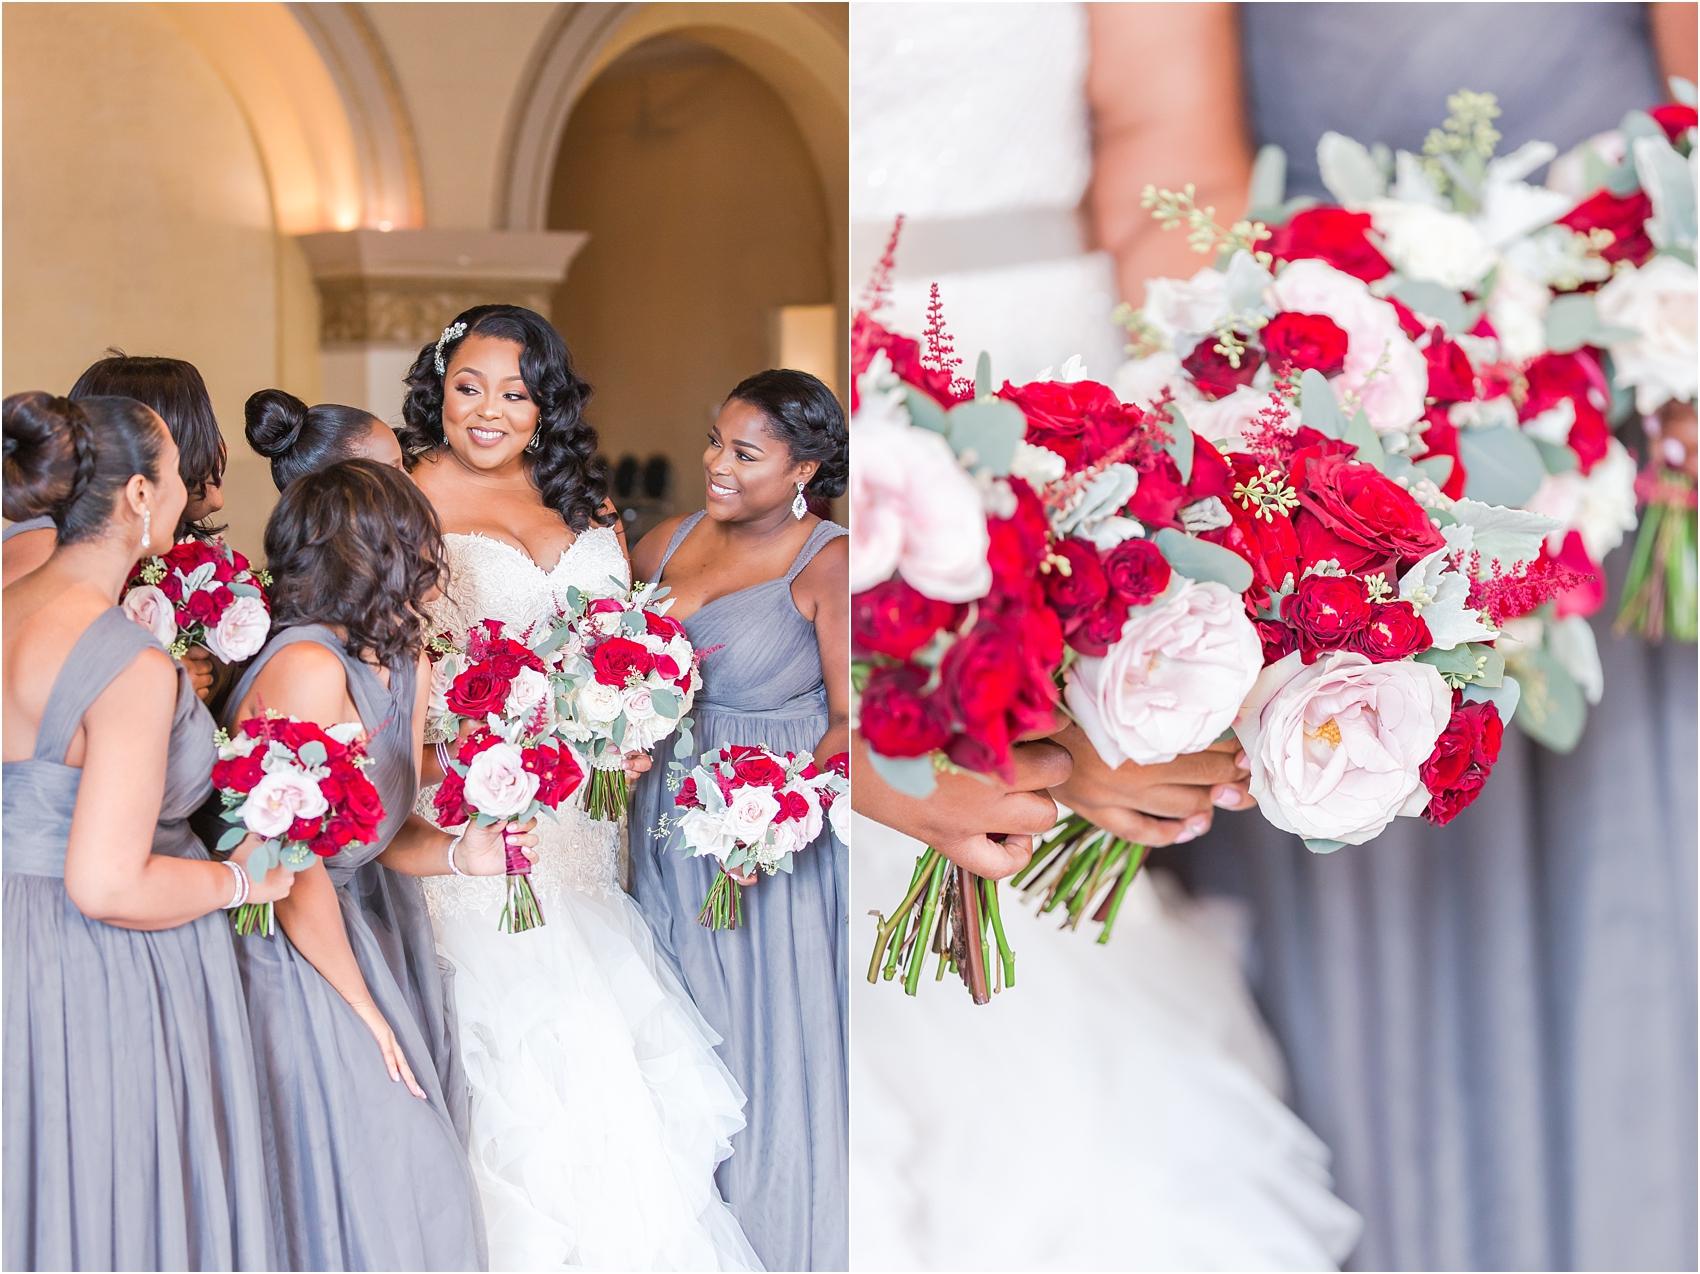 minimalist-and-modern-wedding-photos-at-30-north-saginaw-in-pontiac-michigan-by-courtney-carolyn-photography_0016.jpg